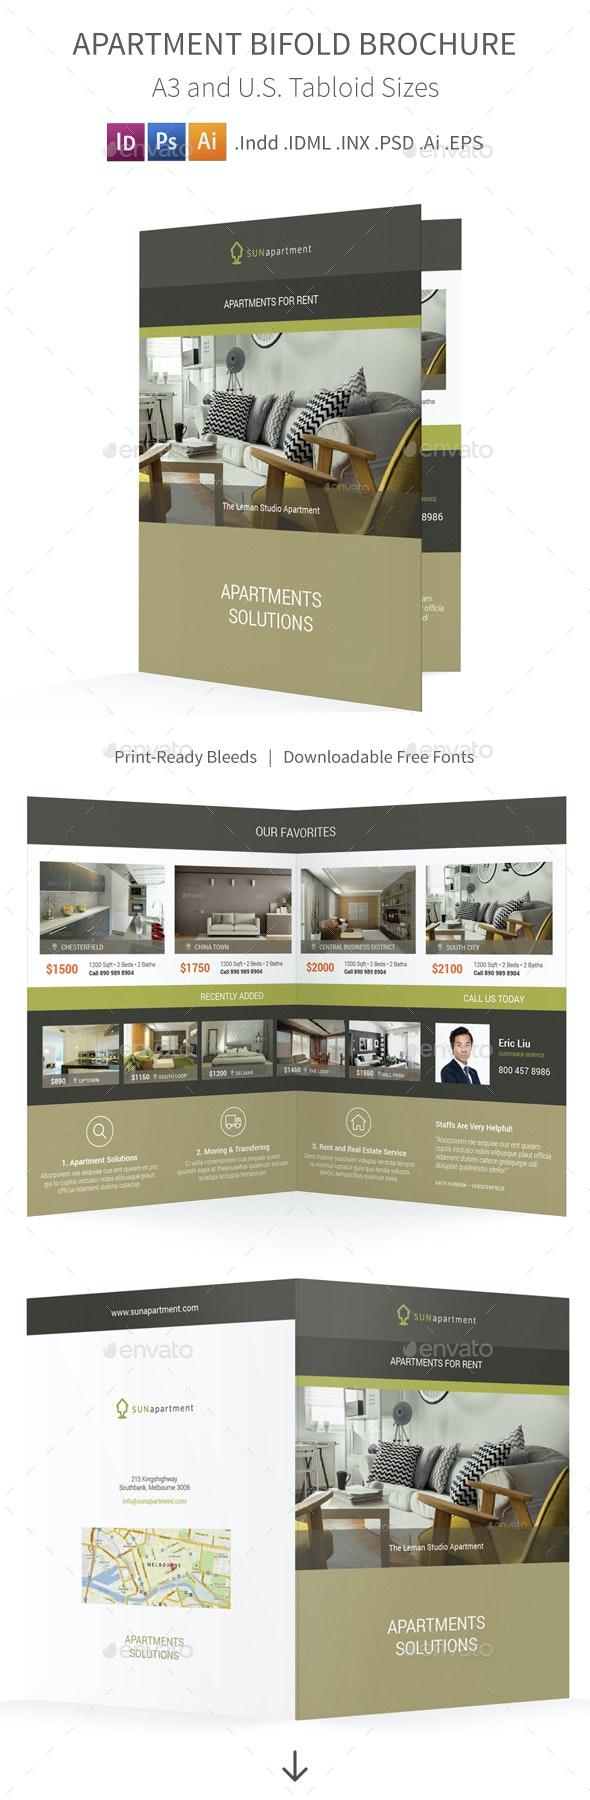 Apartment For Rent Bifold / Halffold Brochure 2 - Informational Brochures